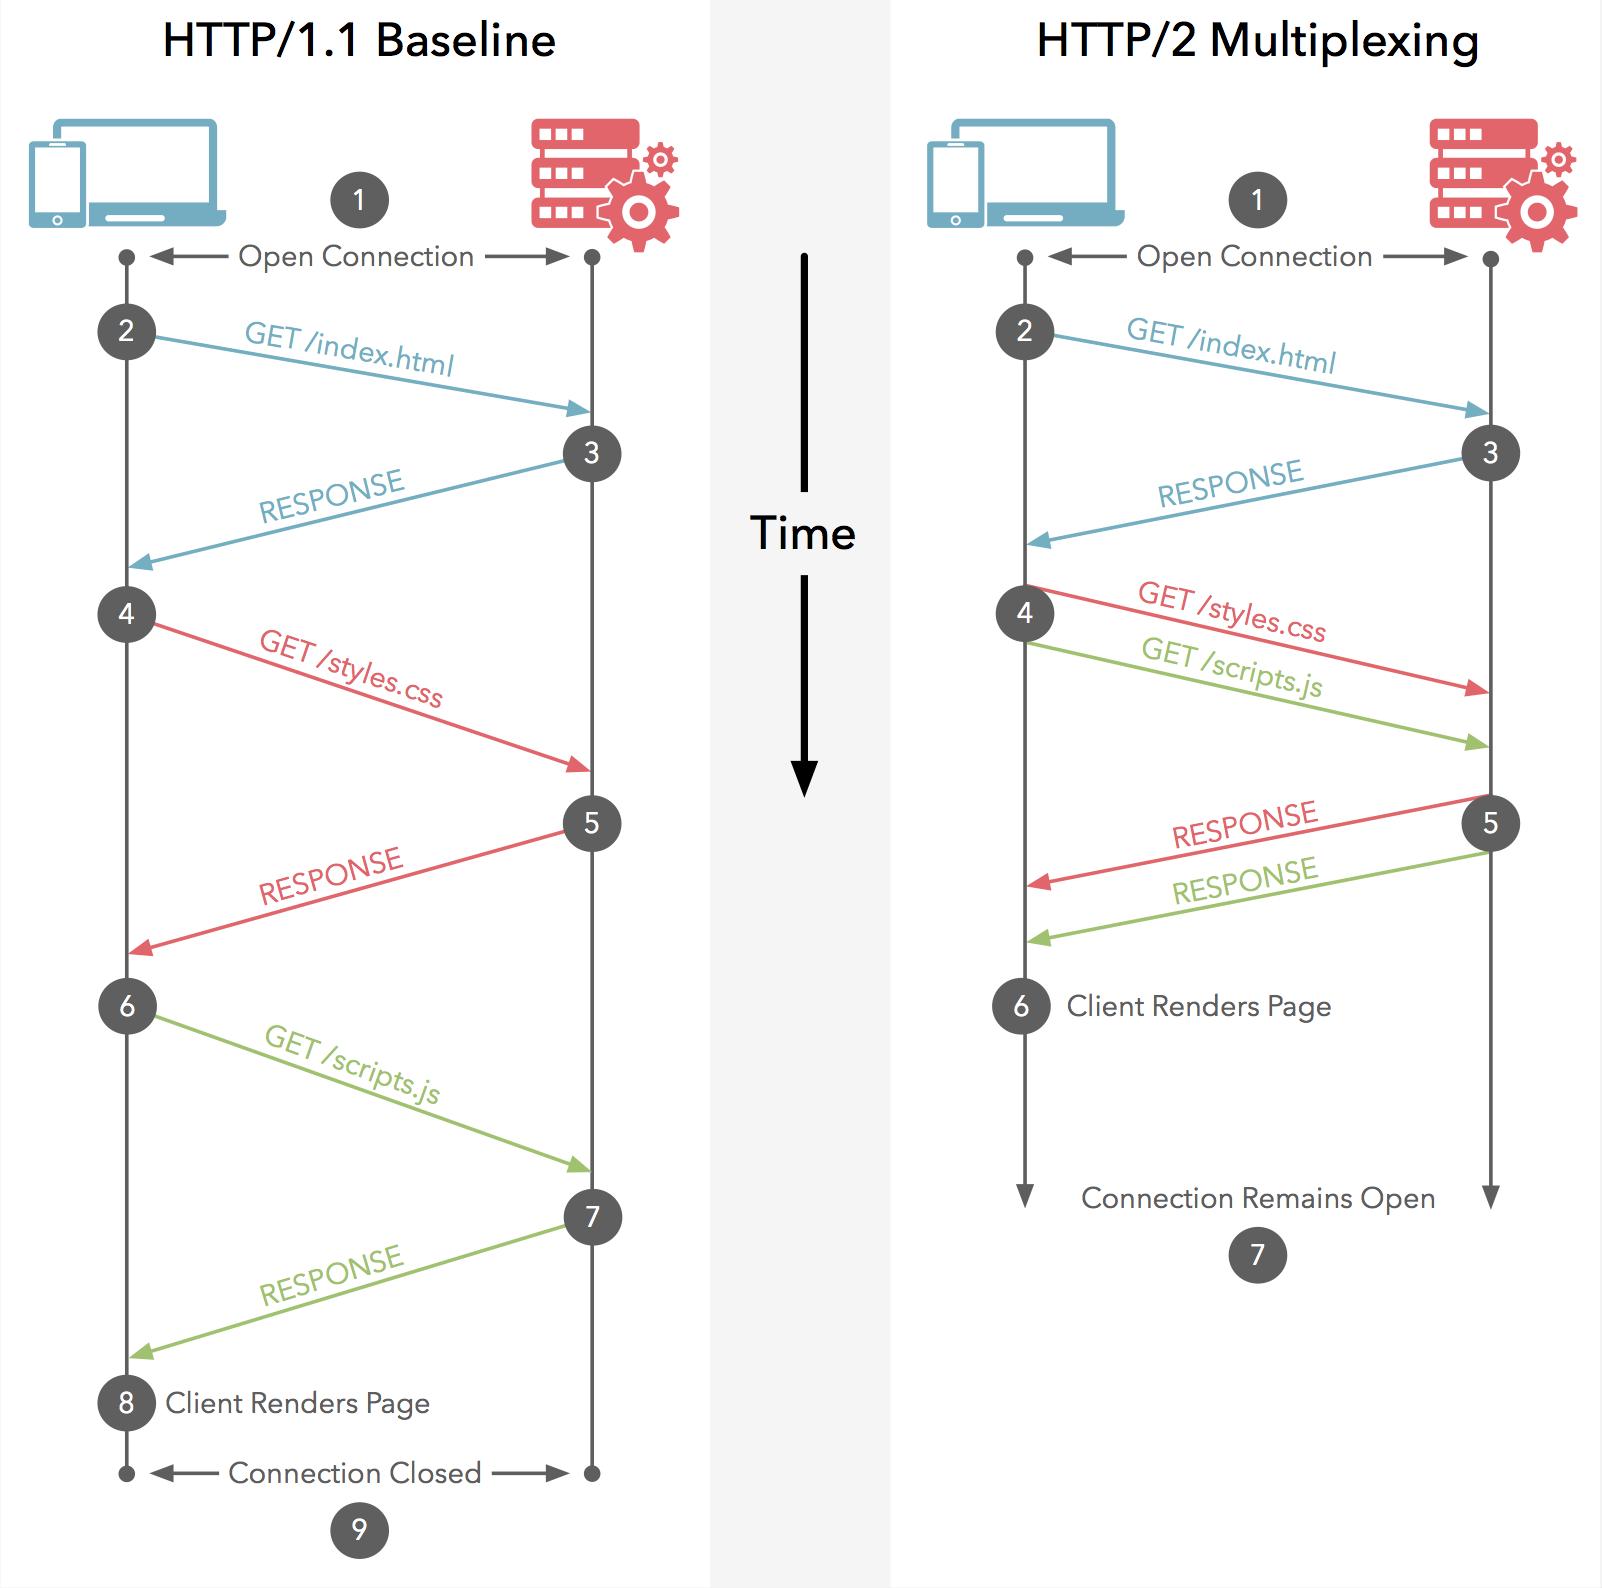 تاثیر-SLL-بر-سئو-و-دلایل-استفاده-از-پروتکل-HTTPS